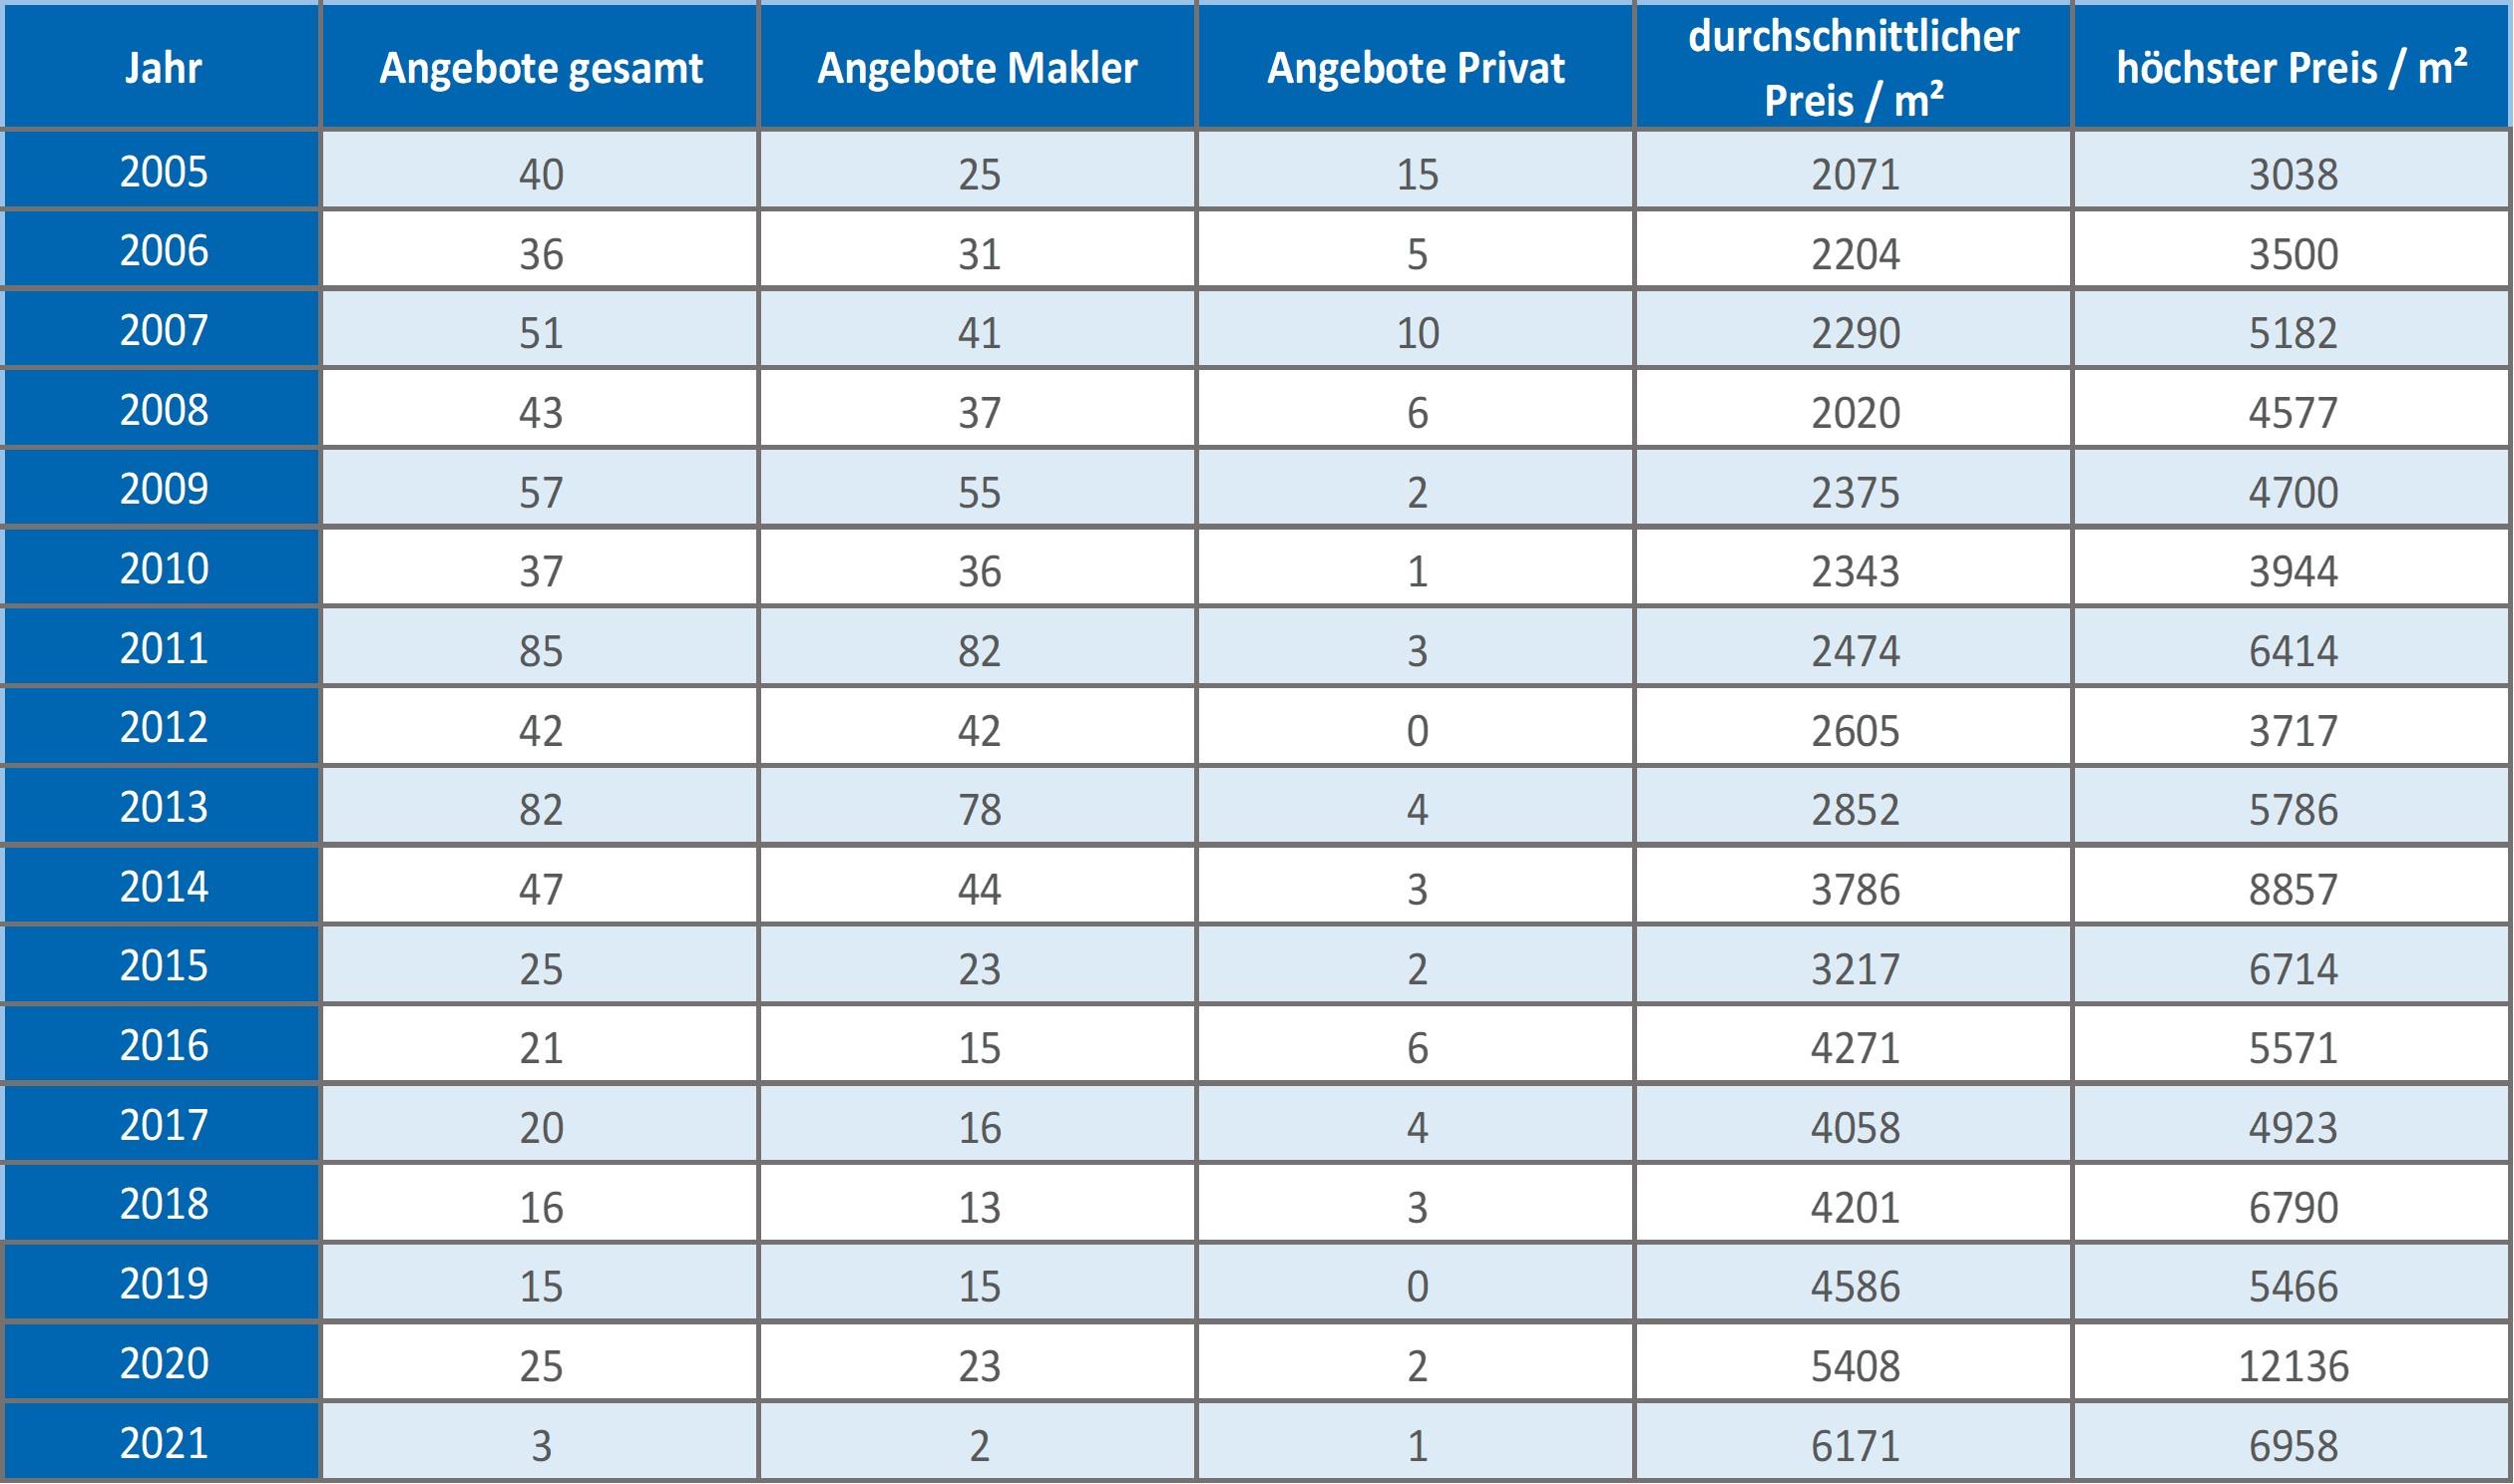 Aßling-Haus-kaufen-verkaufen-Makler 2019, 2020, 2021